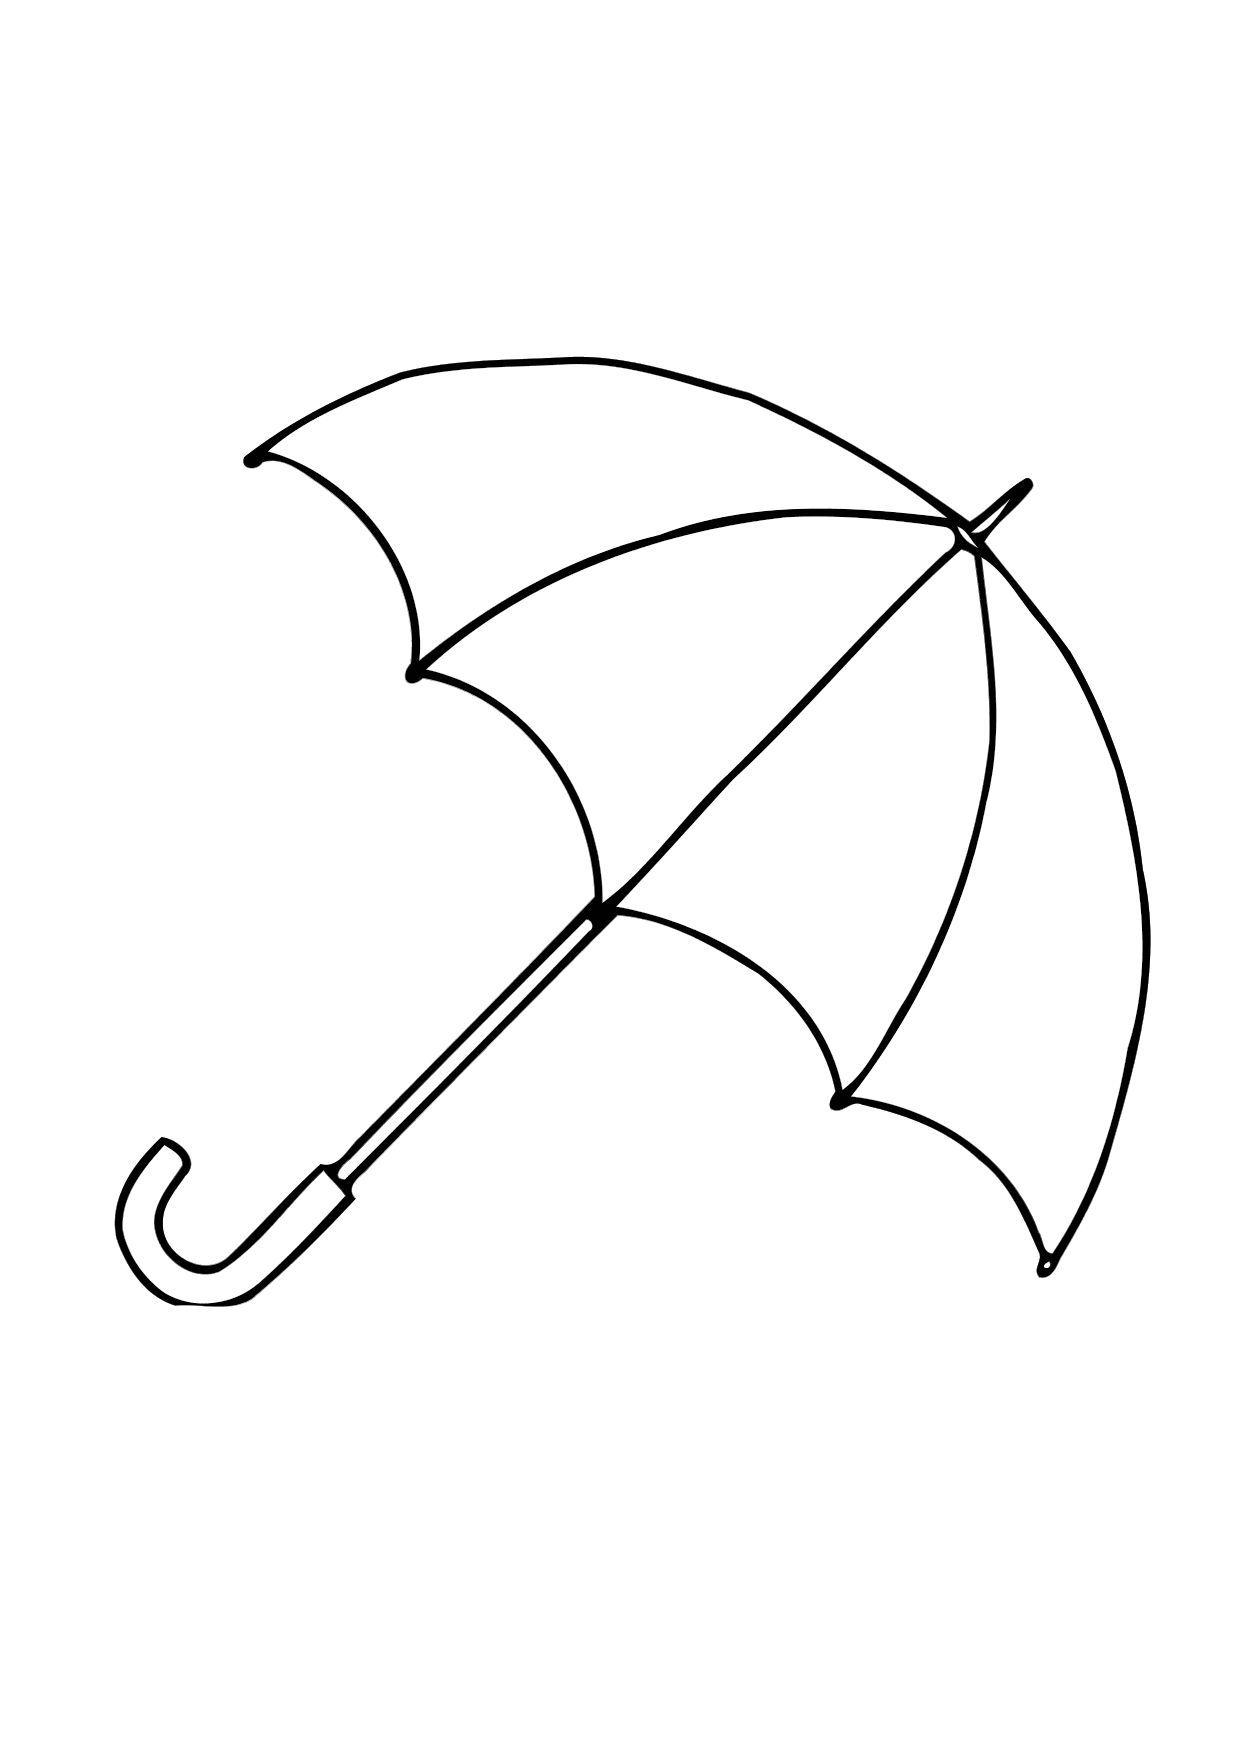 Coloring pages umbrella - Simple Umbrella Shape